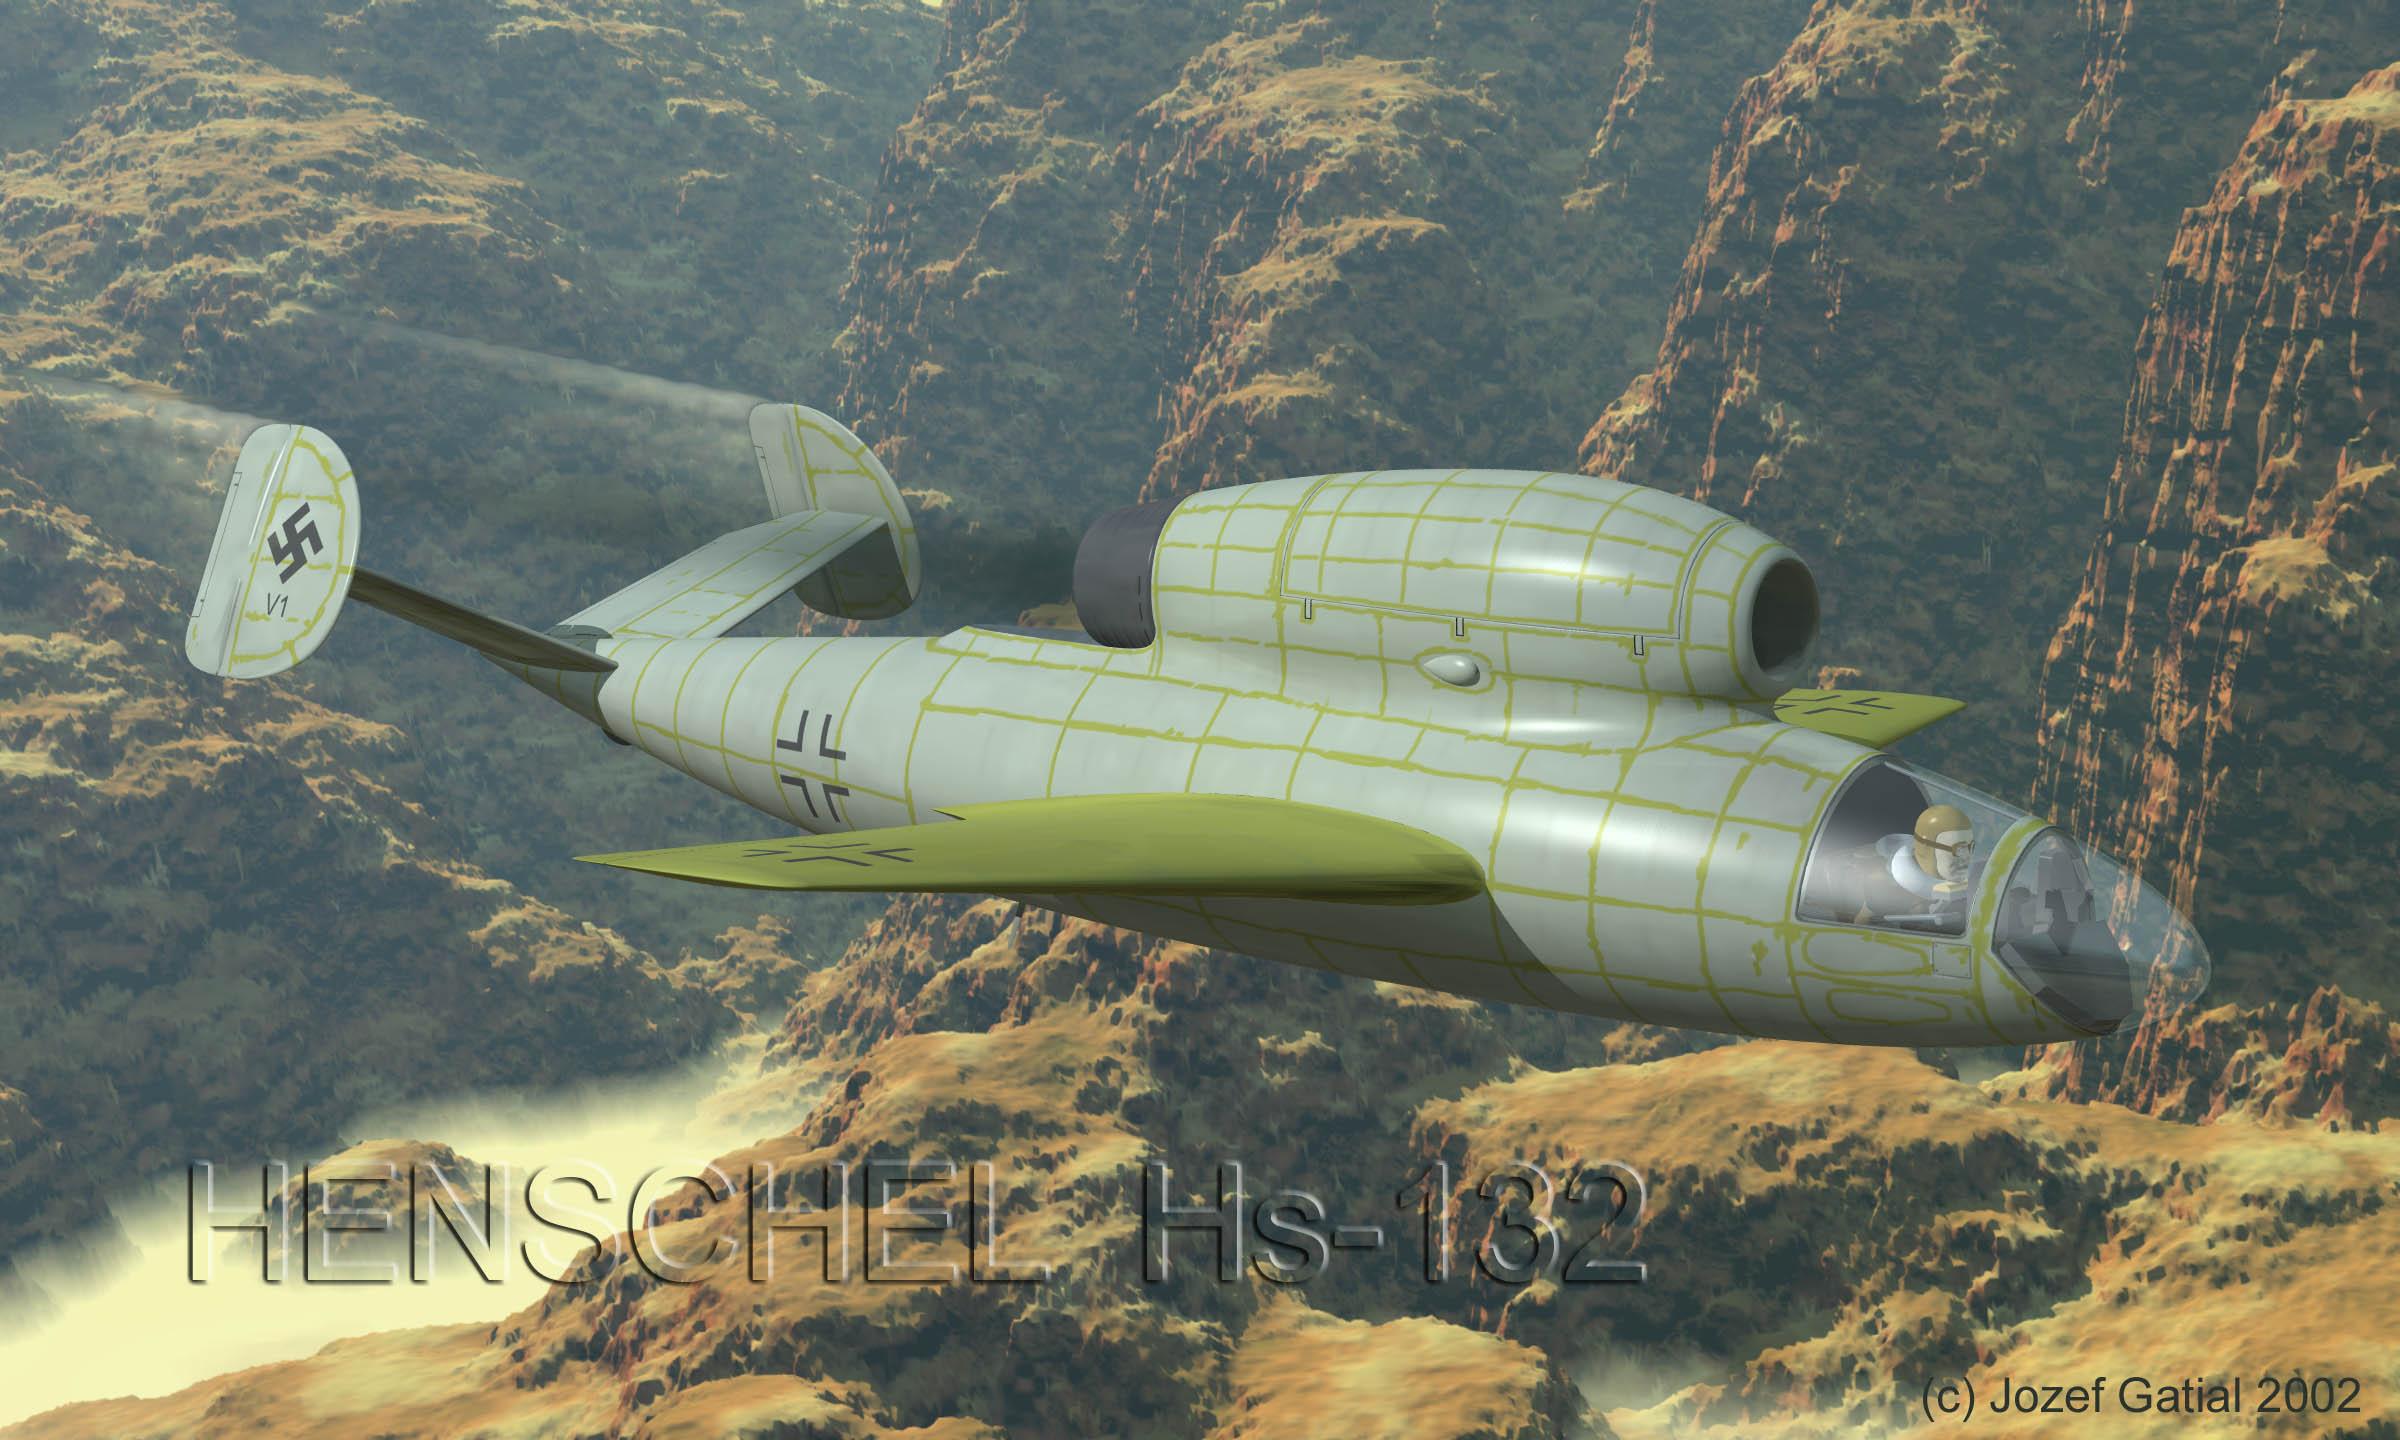 Henschel Hs-132 Dive Bomber - Page 3 - Aircraft - War ... Henschel Hs 132